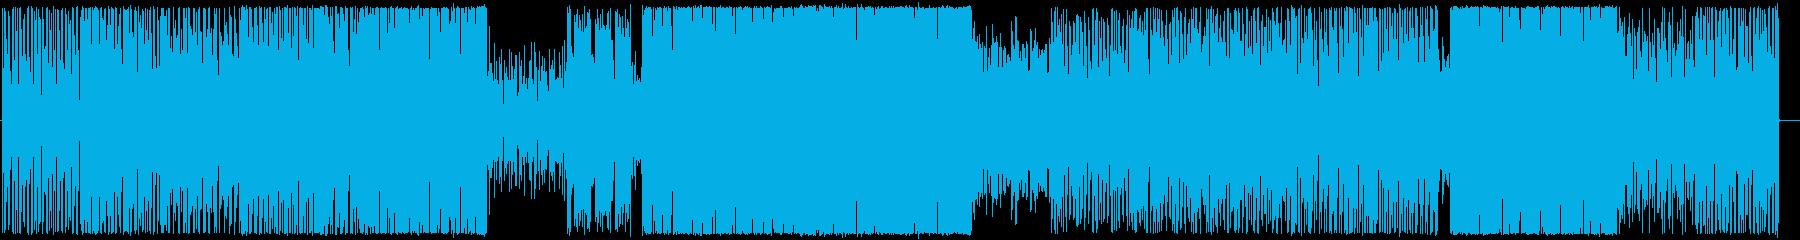 シリアスな雰囲気のゲーム用途BGMの再生済みの波形